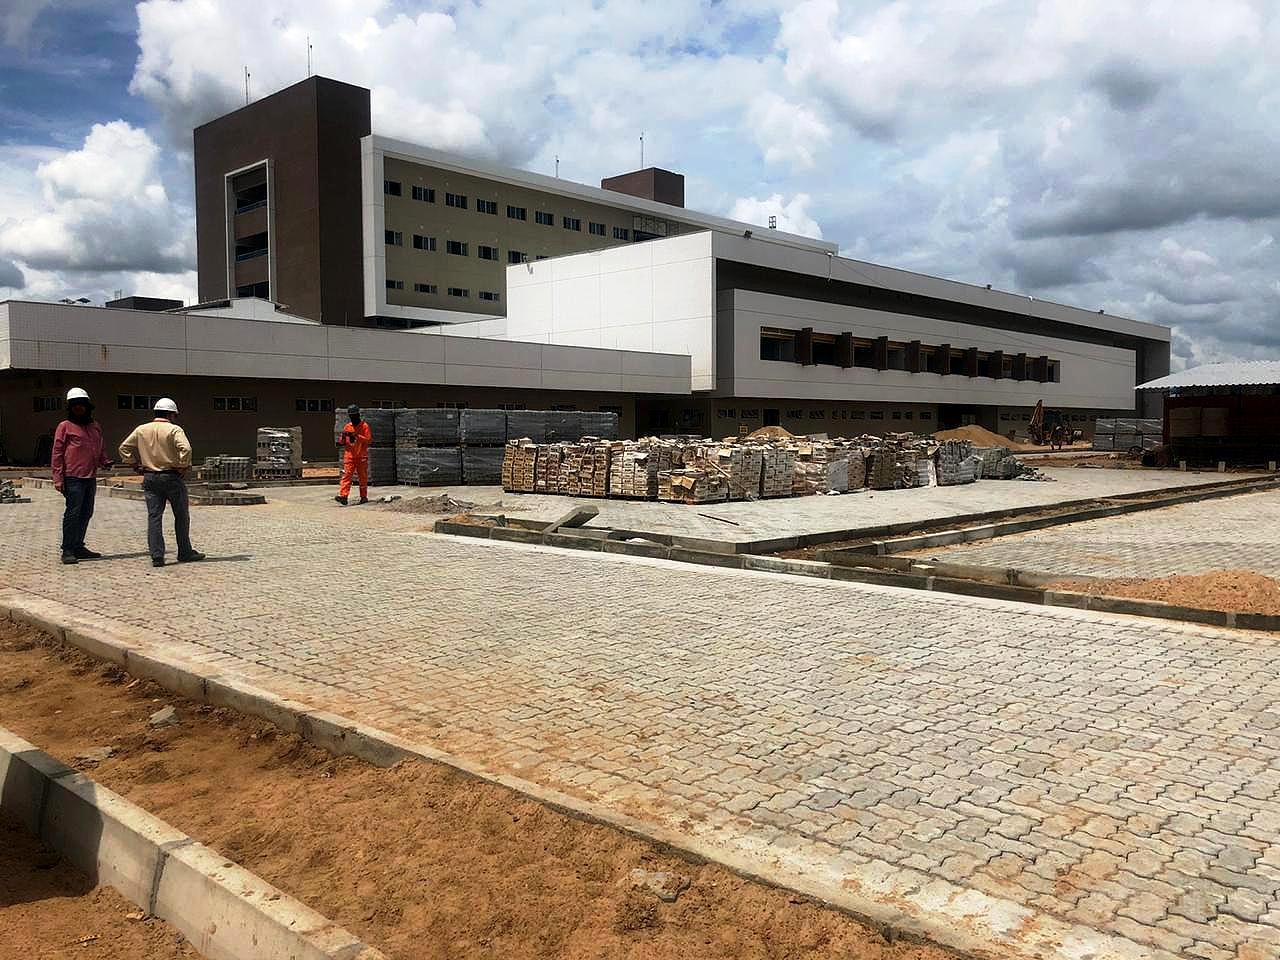 Normalização para construir hospitais deve atender tanto às exigências do Ministério da Saúde quanto da ABNT  Crédito: Governo do Ceará